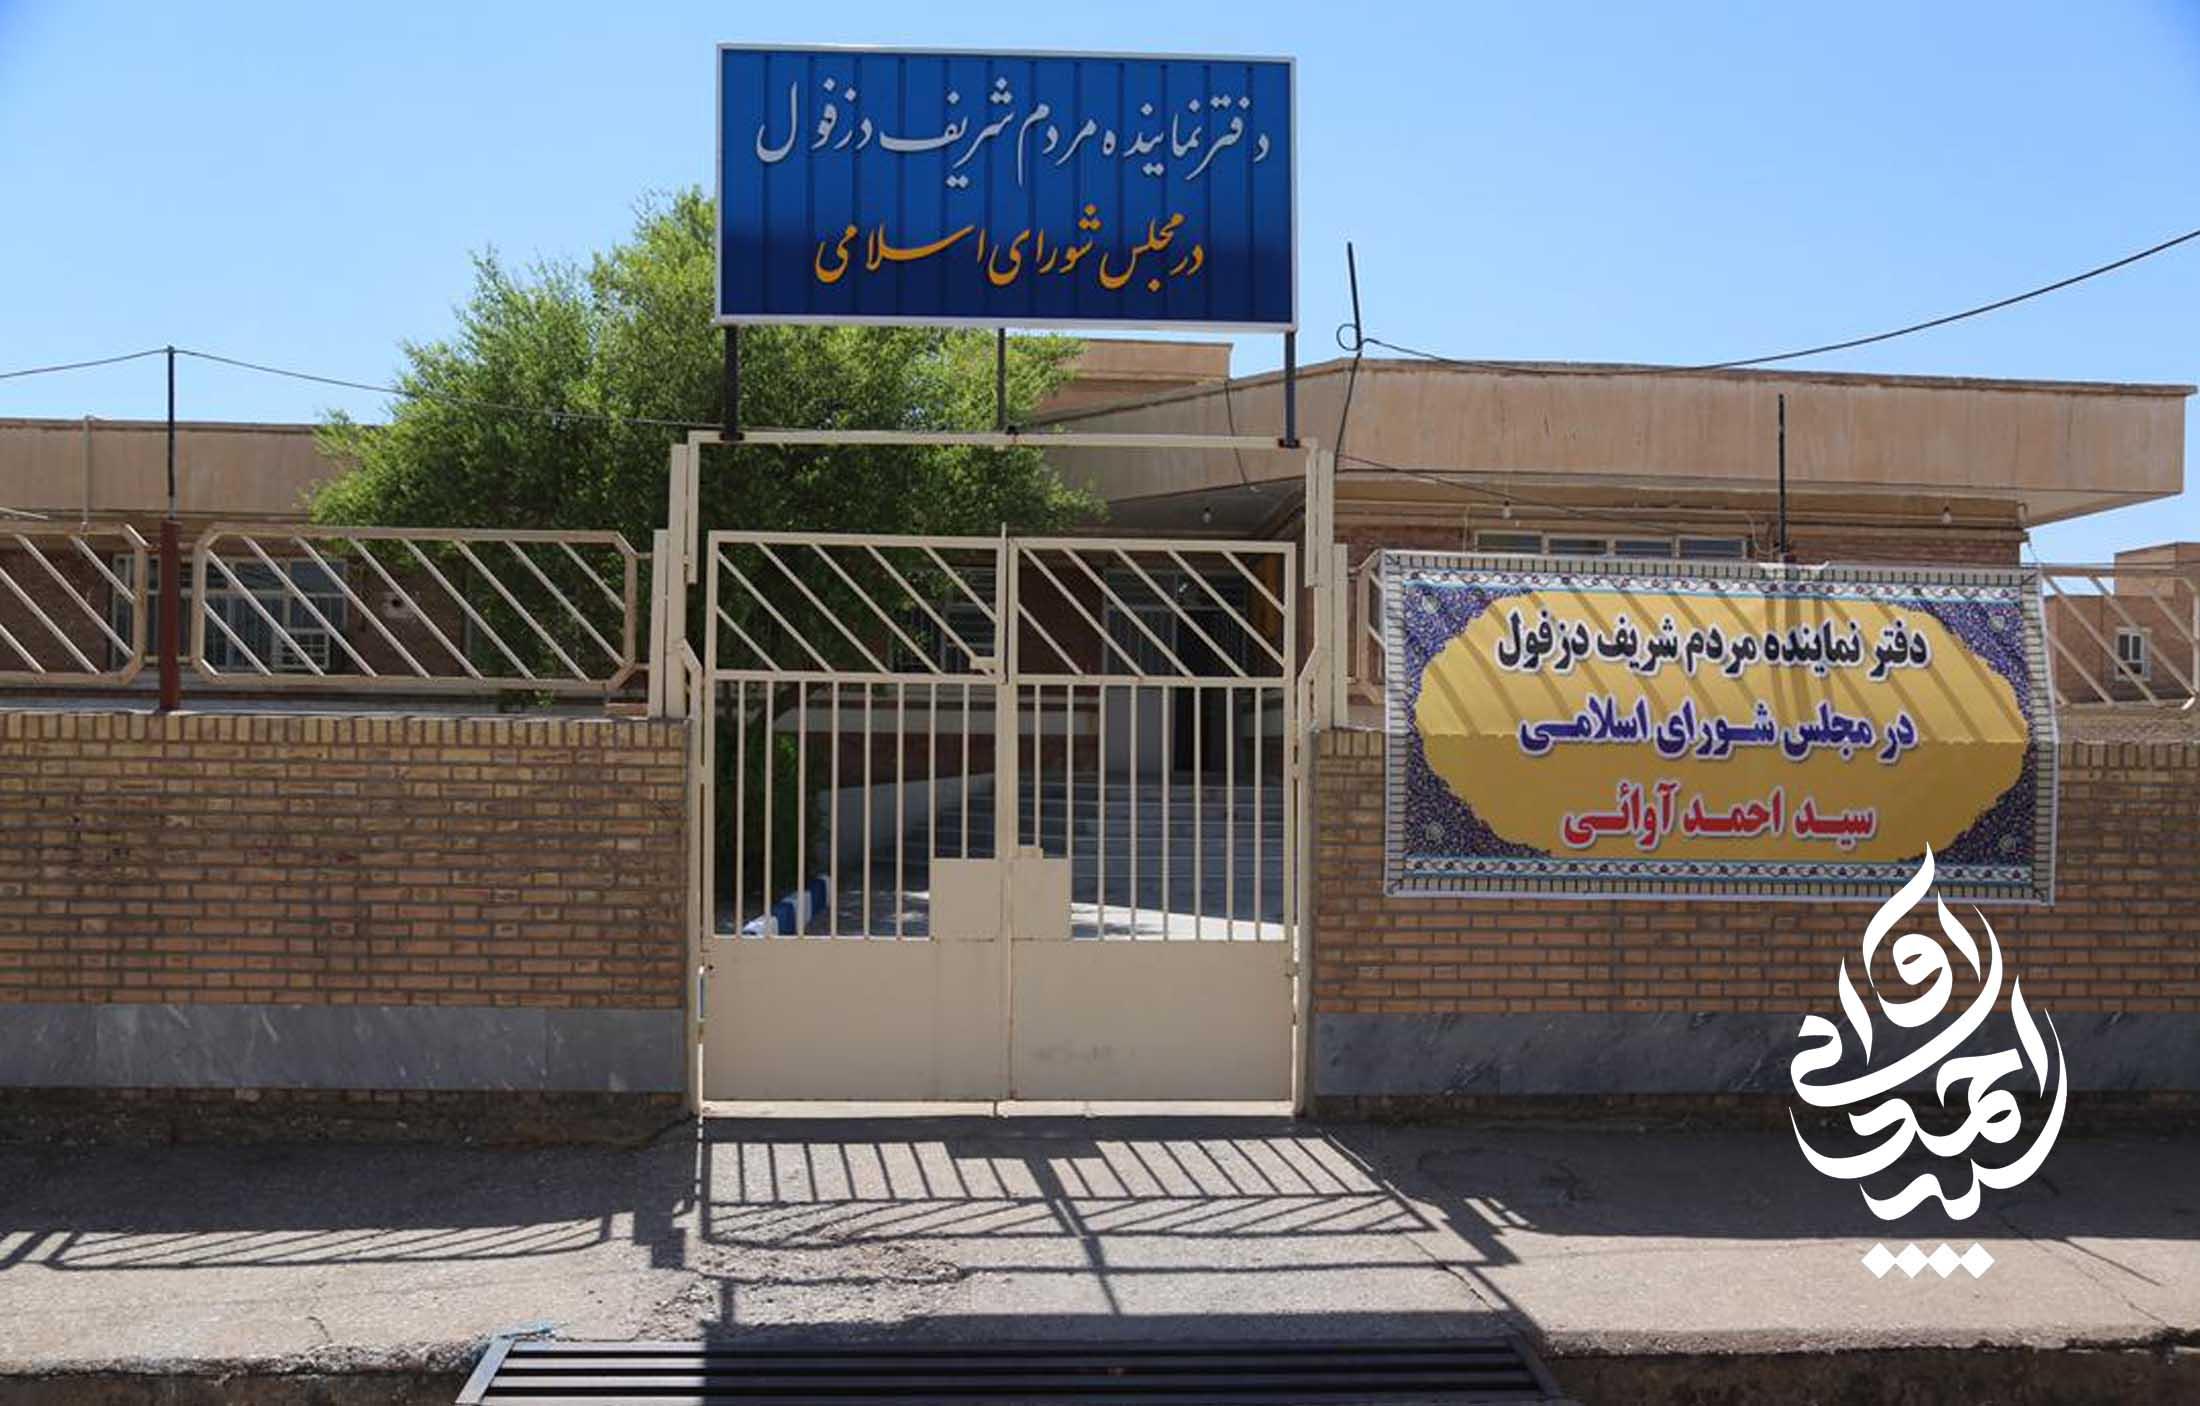 دفتر نماینده مردم شریف شهرستان دزفول، در محل جدید بازگشایی شد